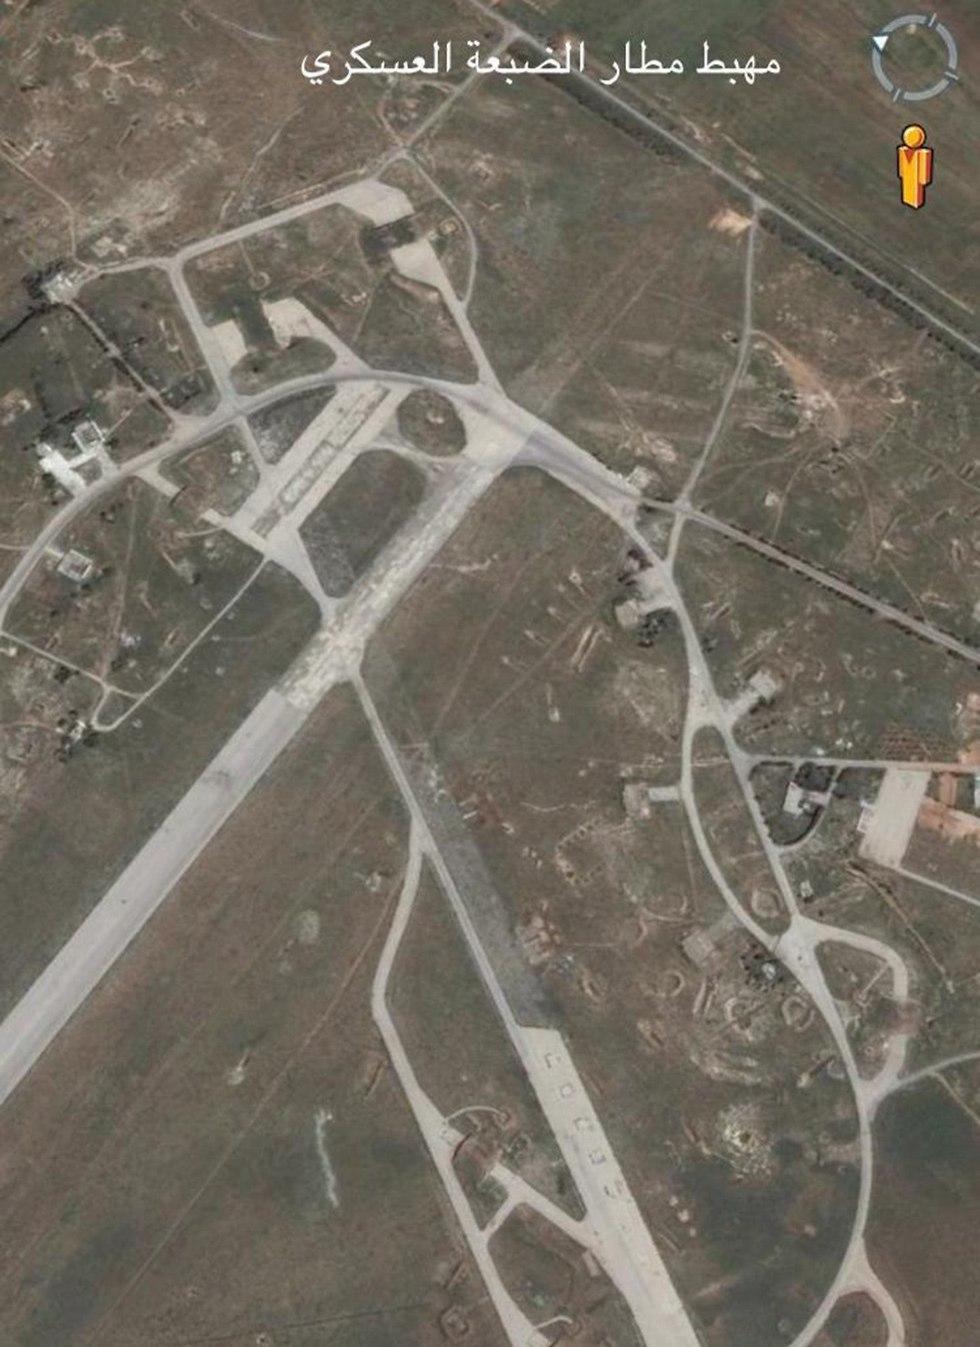 שדה תעופה צבאי אדבע ב חומס סוריה ()